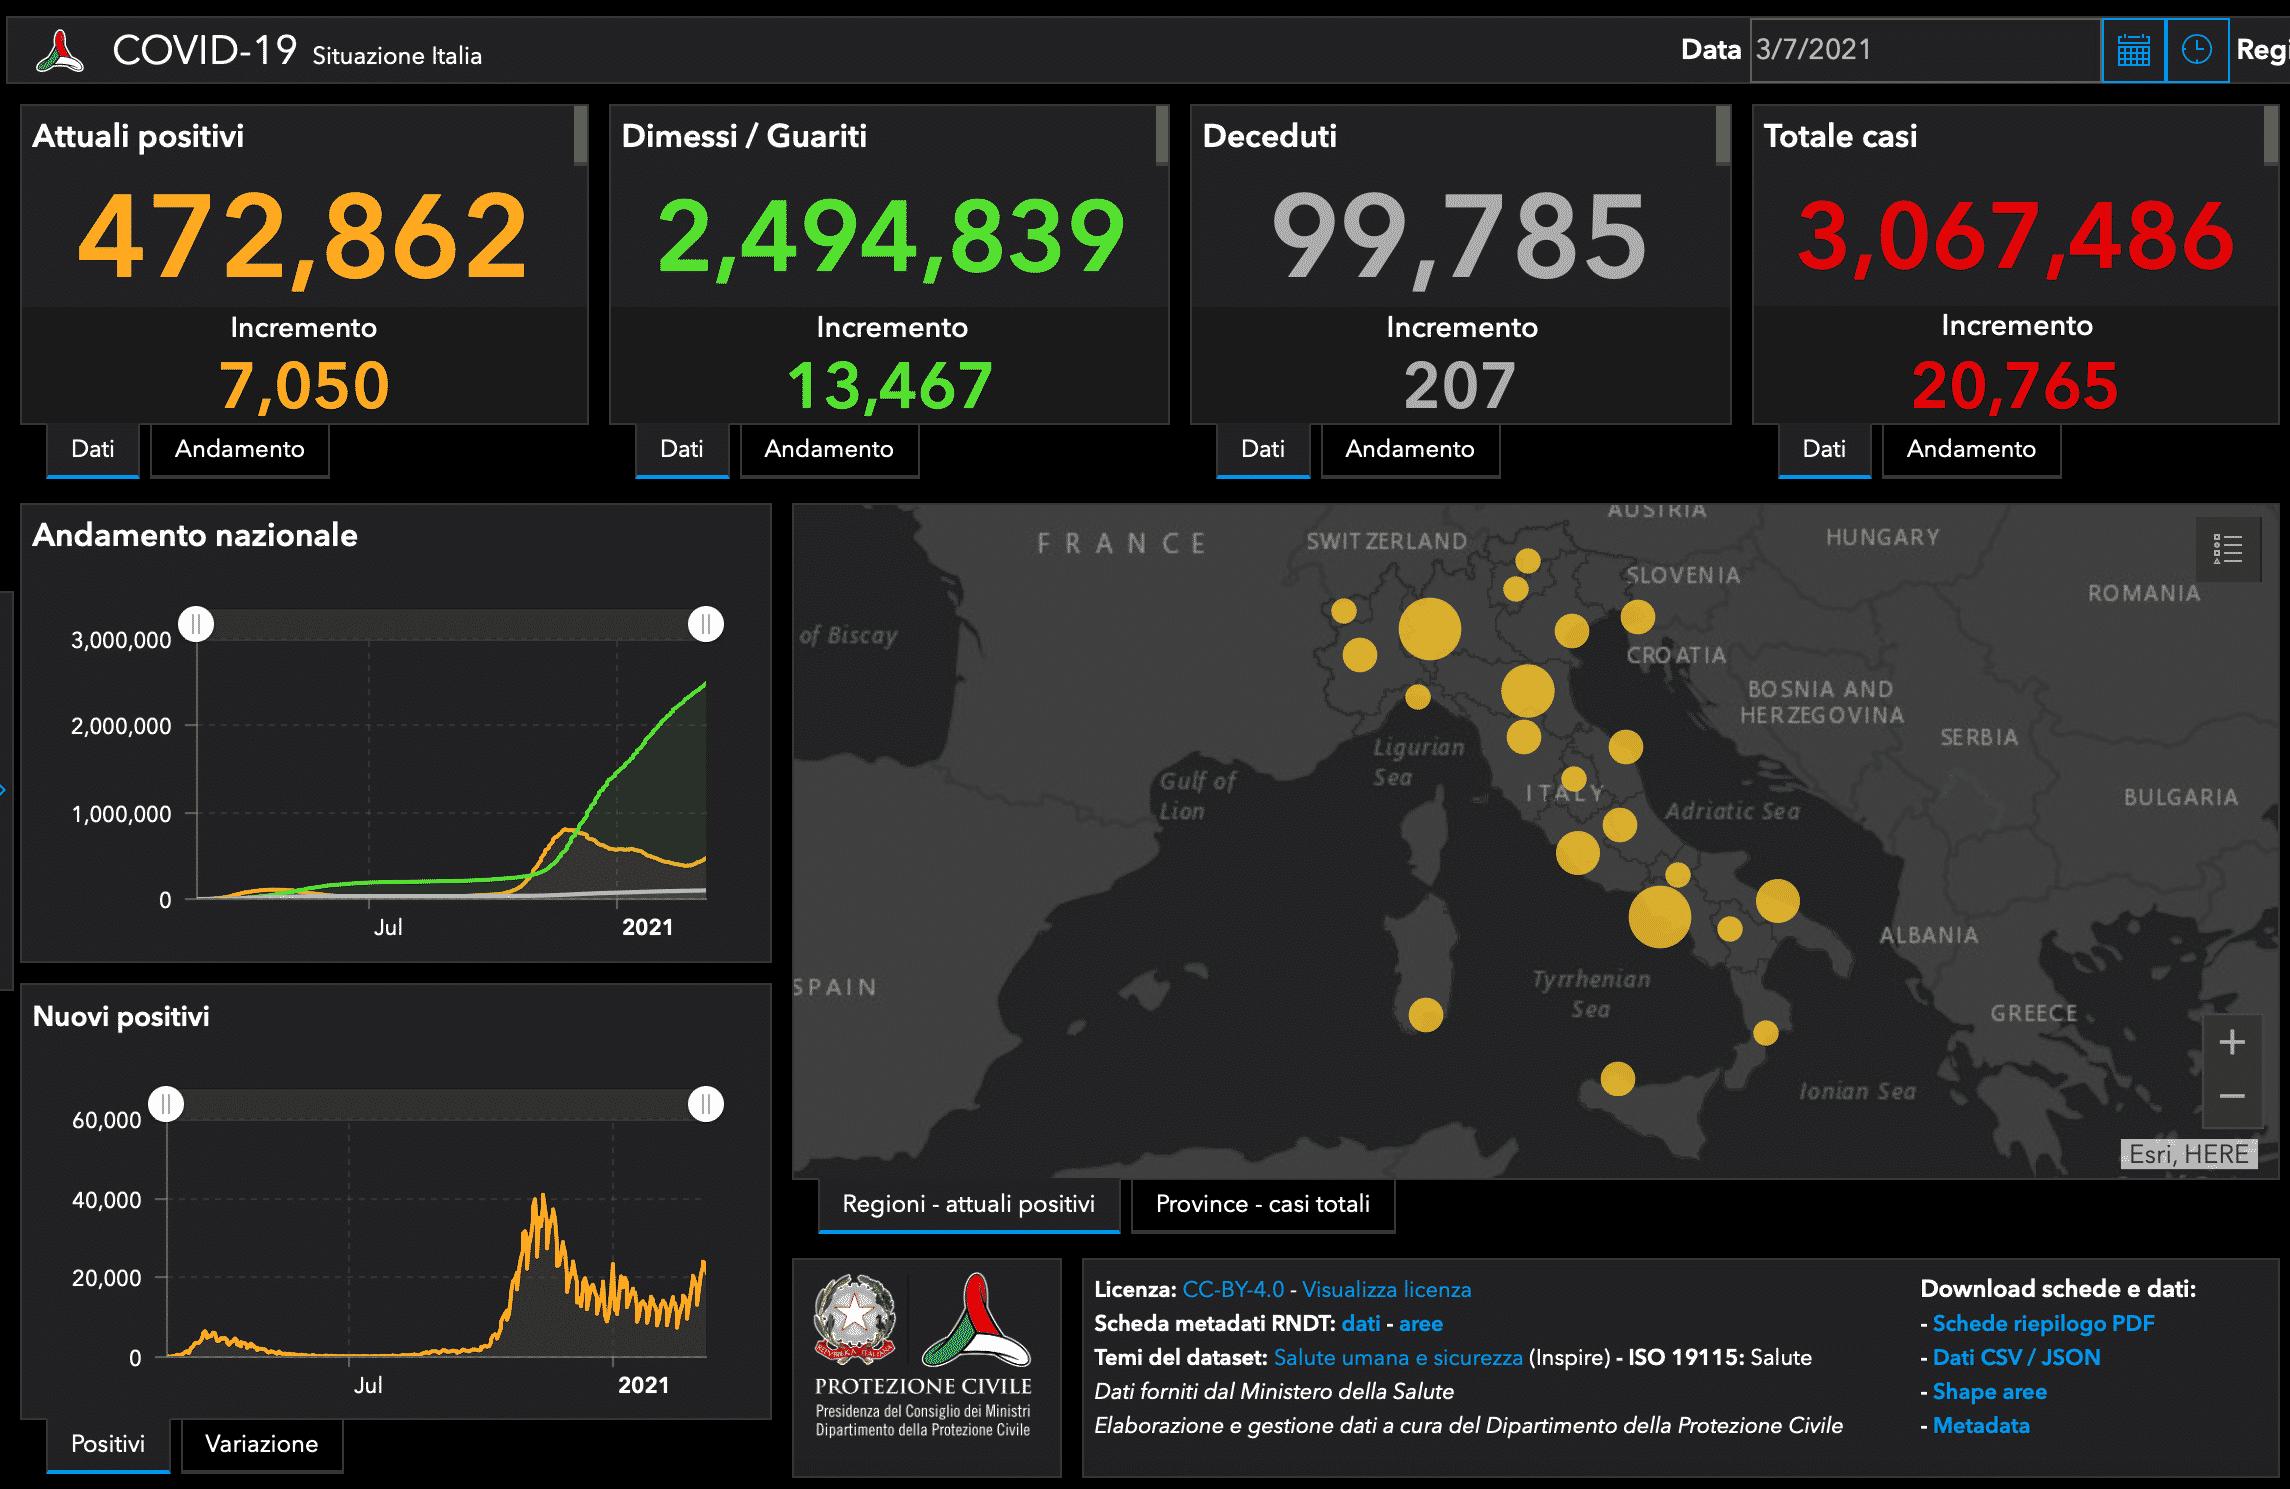 Covid in Italia, il bollettino del 7 marzo: 20.765 nuovi casi, 207 morti – I DATI